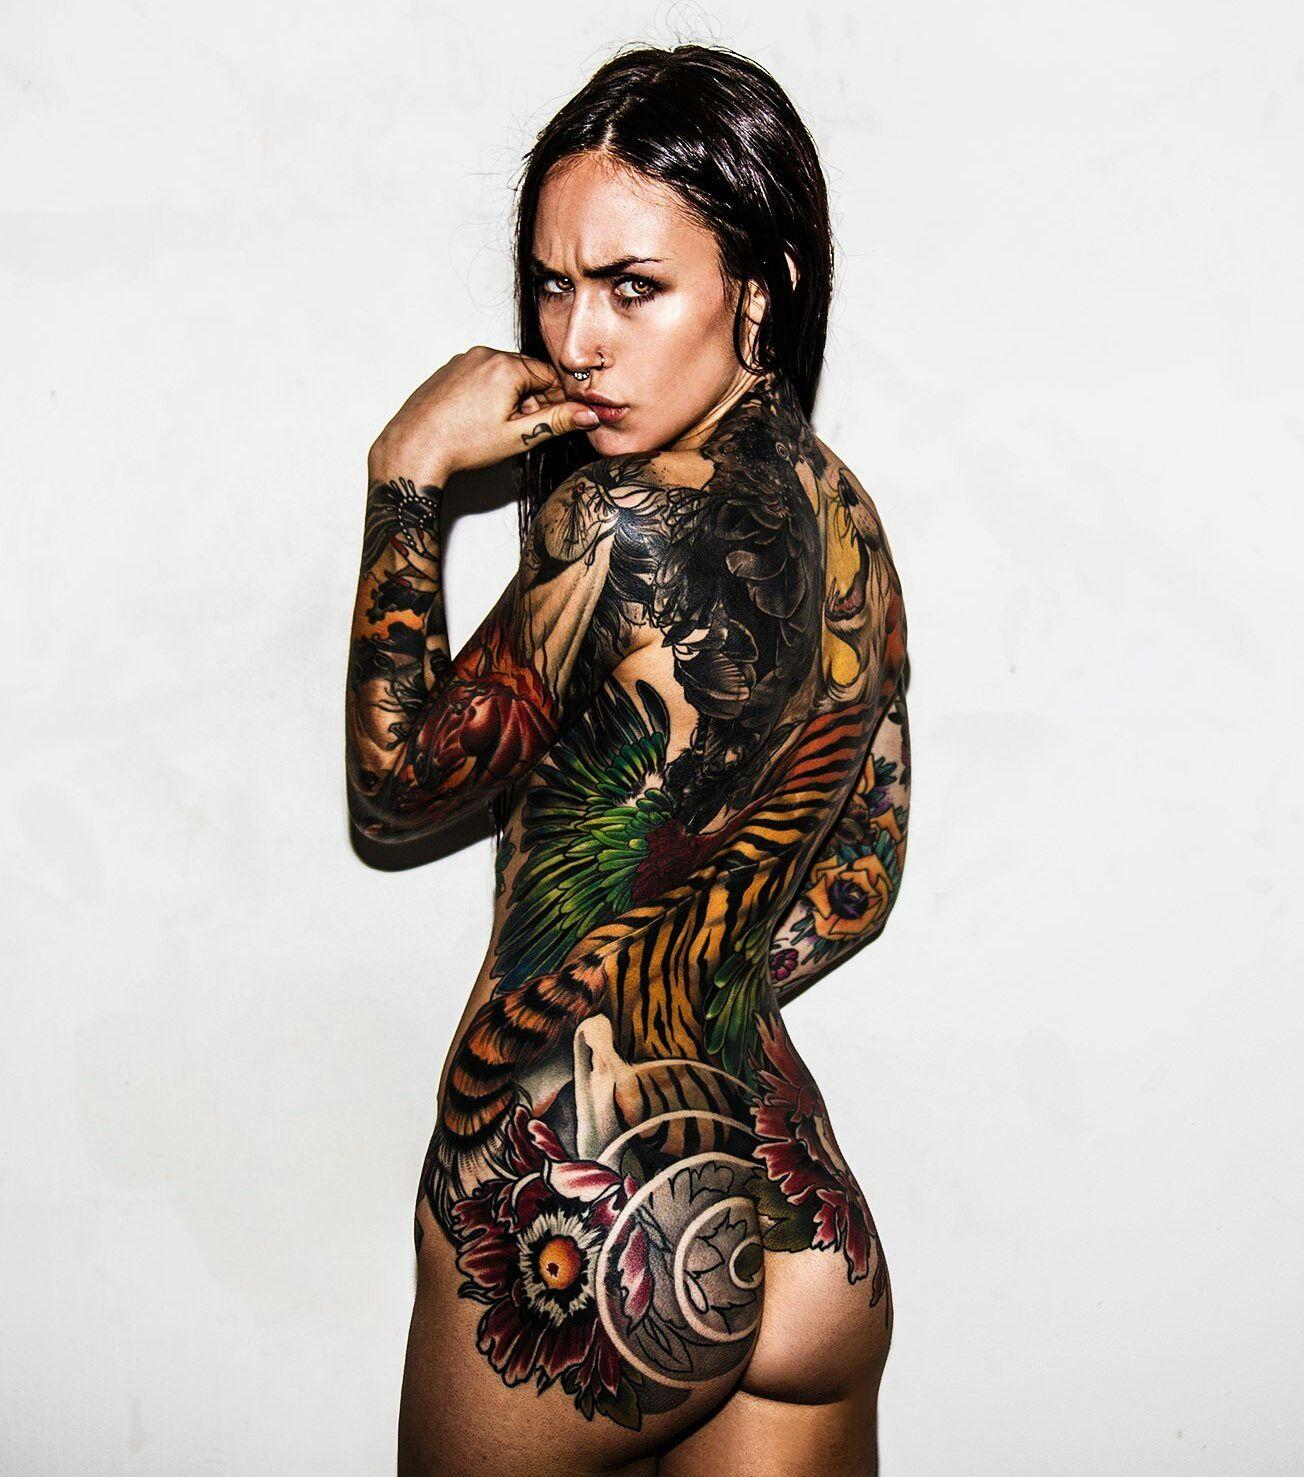 jayma mays nude fake imagefap